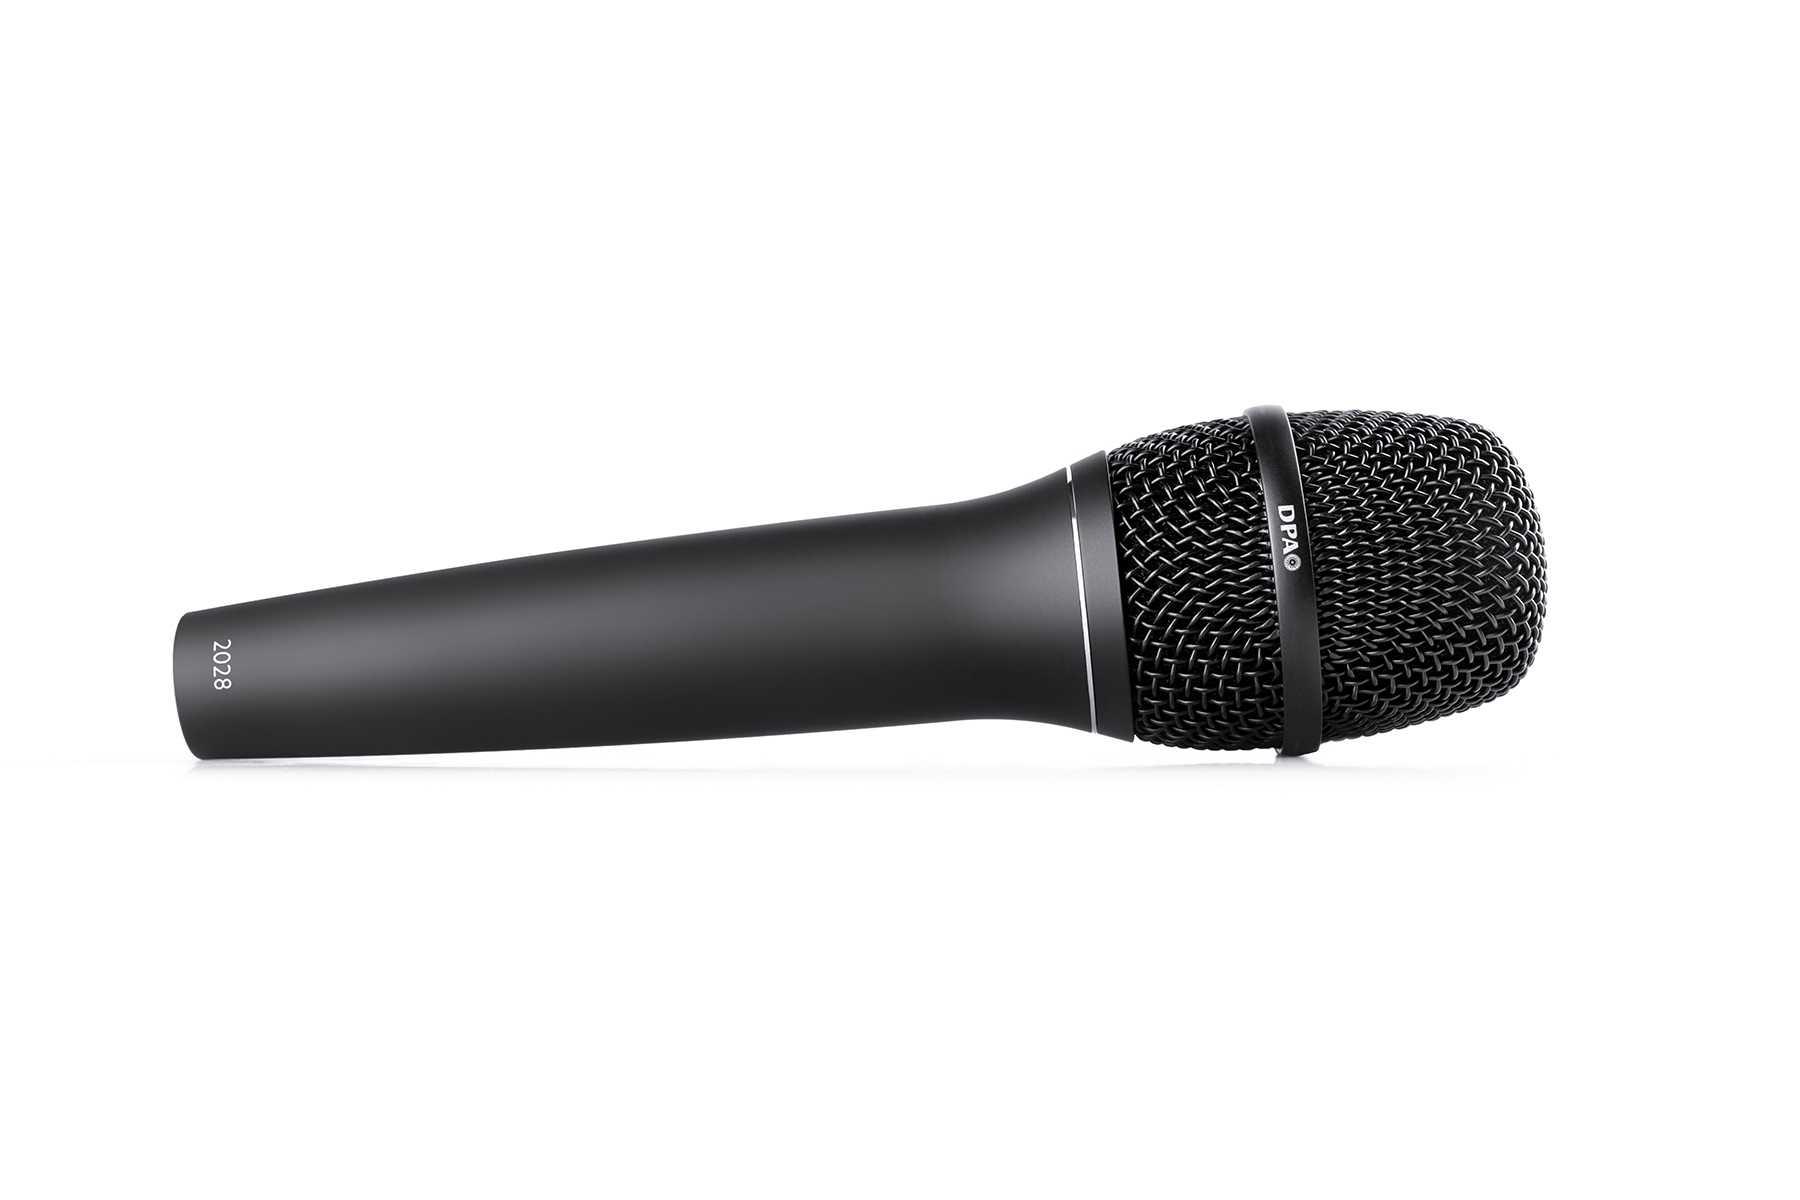 Караоке-микрофон: как работает и как им пользоваться? как заряжать проводной микрофон? какой лучше выбрать? рейтинг моделей. как включить и настроить?